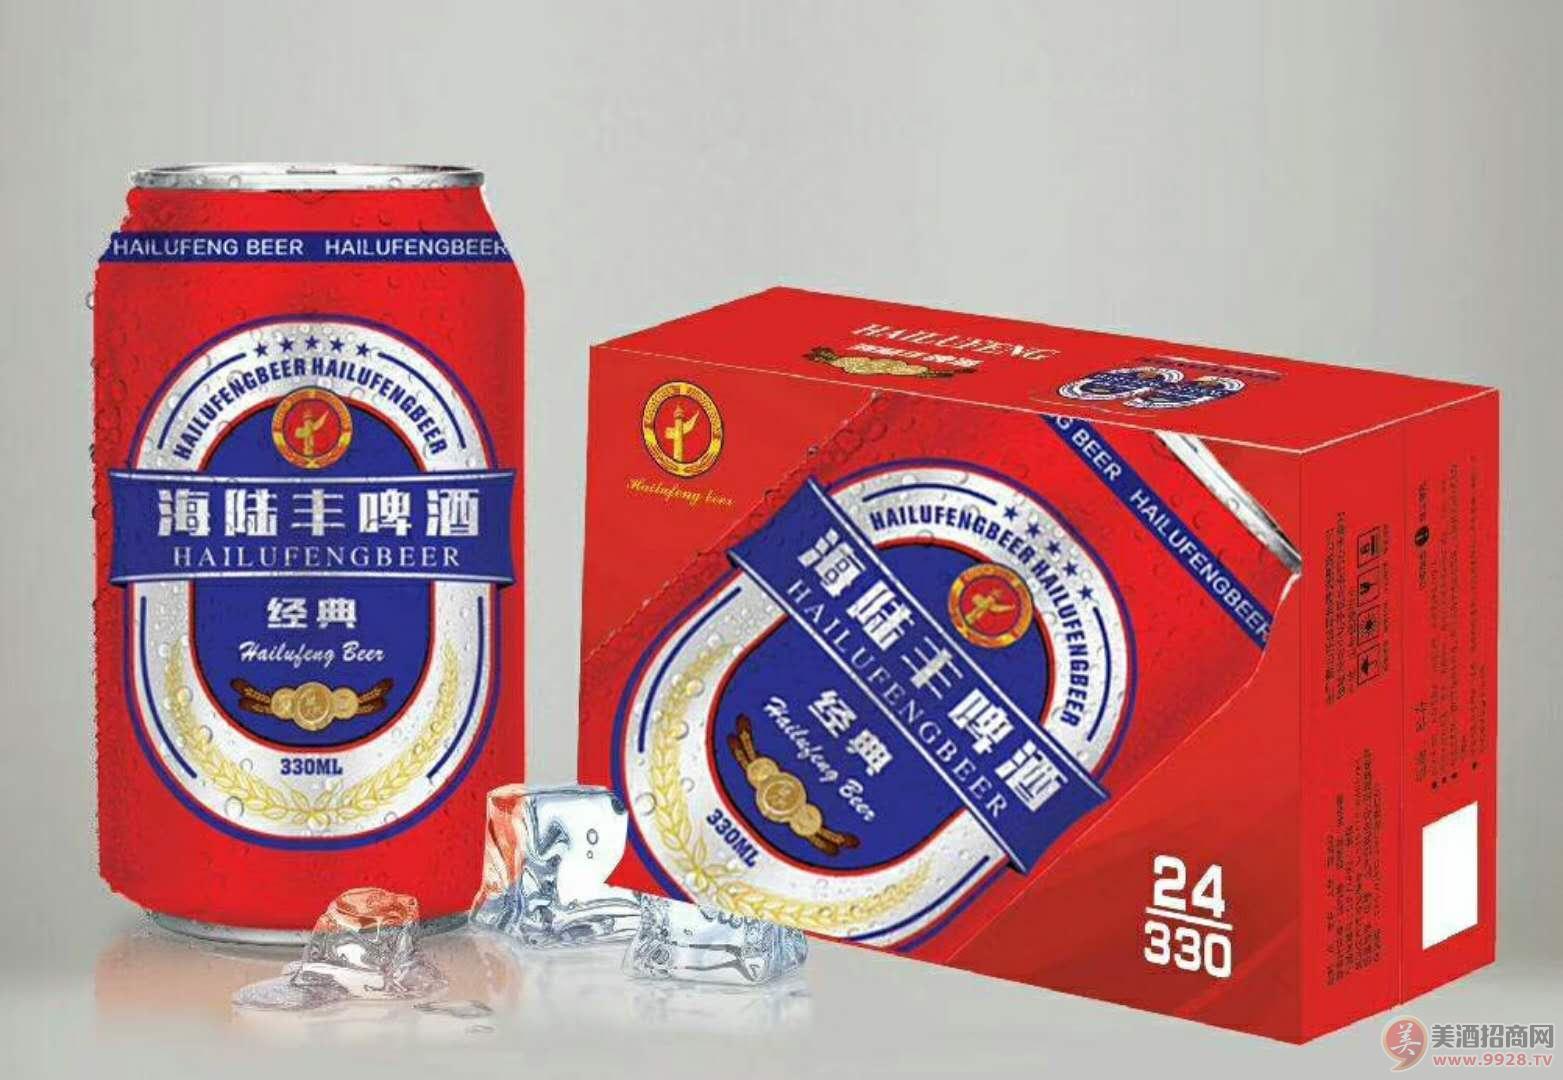 海陆丰啤酒全国招商啤酒代理批发